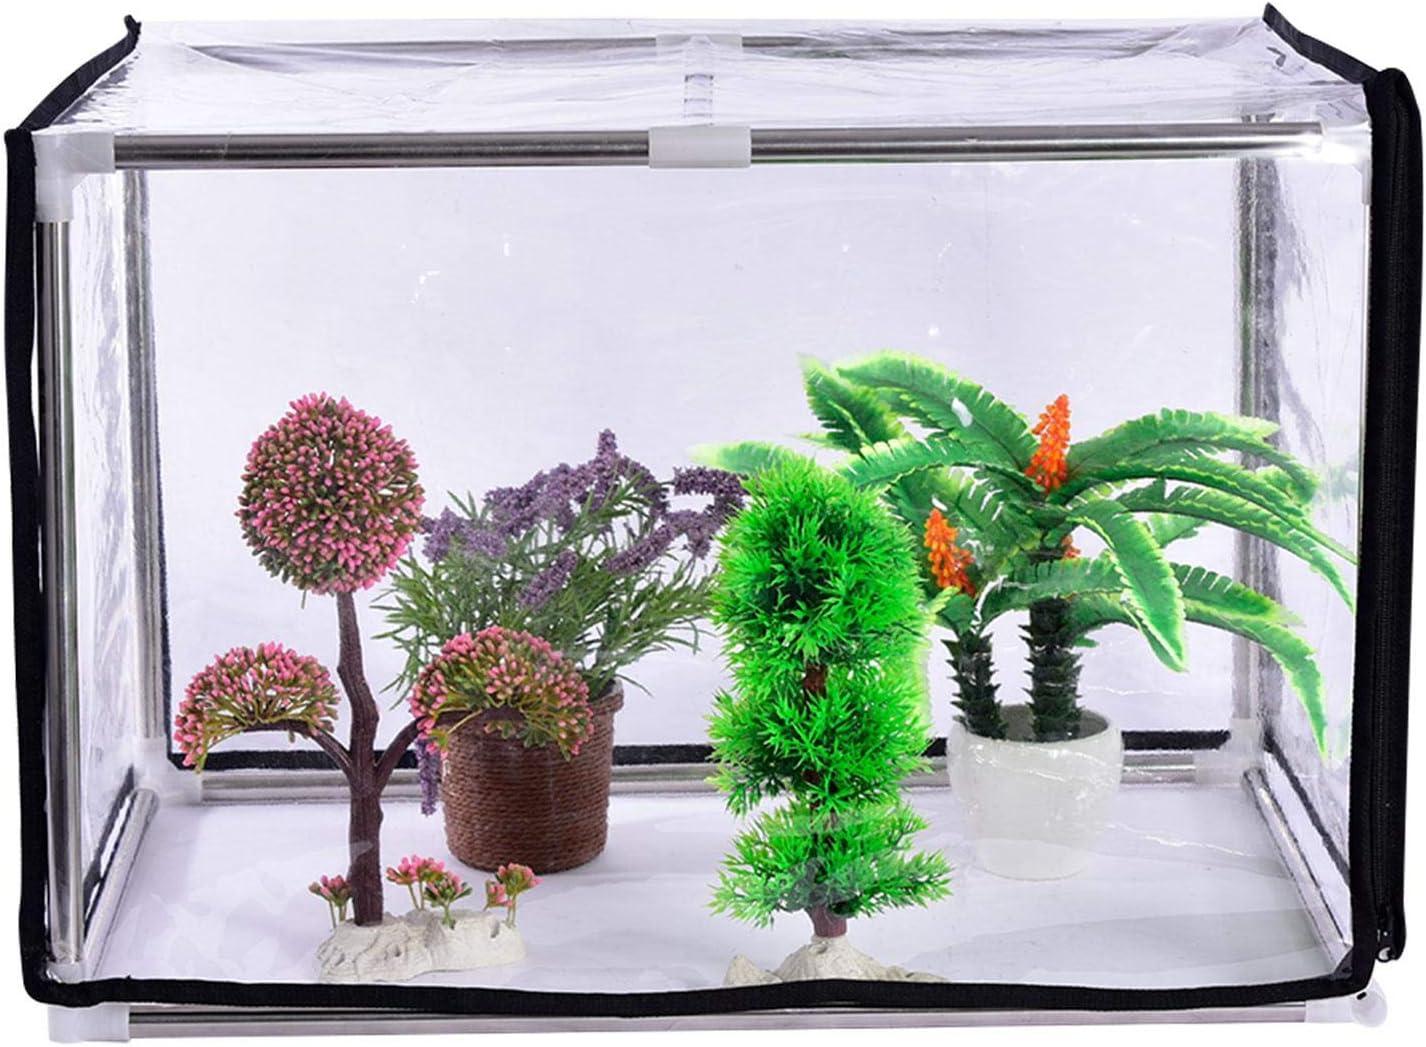 Schneeschatten robustes PVC-Anbauhaus mit Rei/ßverschluss und Metallregalen Blumenschutz tragbares Isolierschutz f/ür Blumen Frost Multifunktionales Gew/ächshaus Regenschutz f/ür kleine Pflanzen